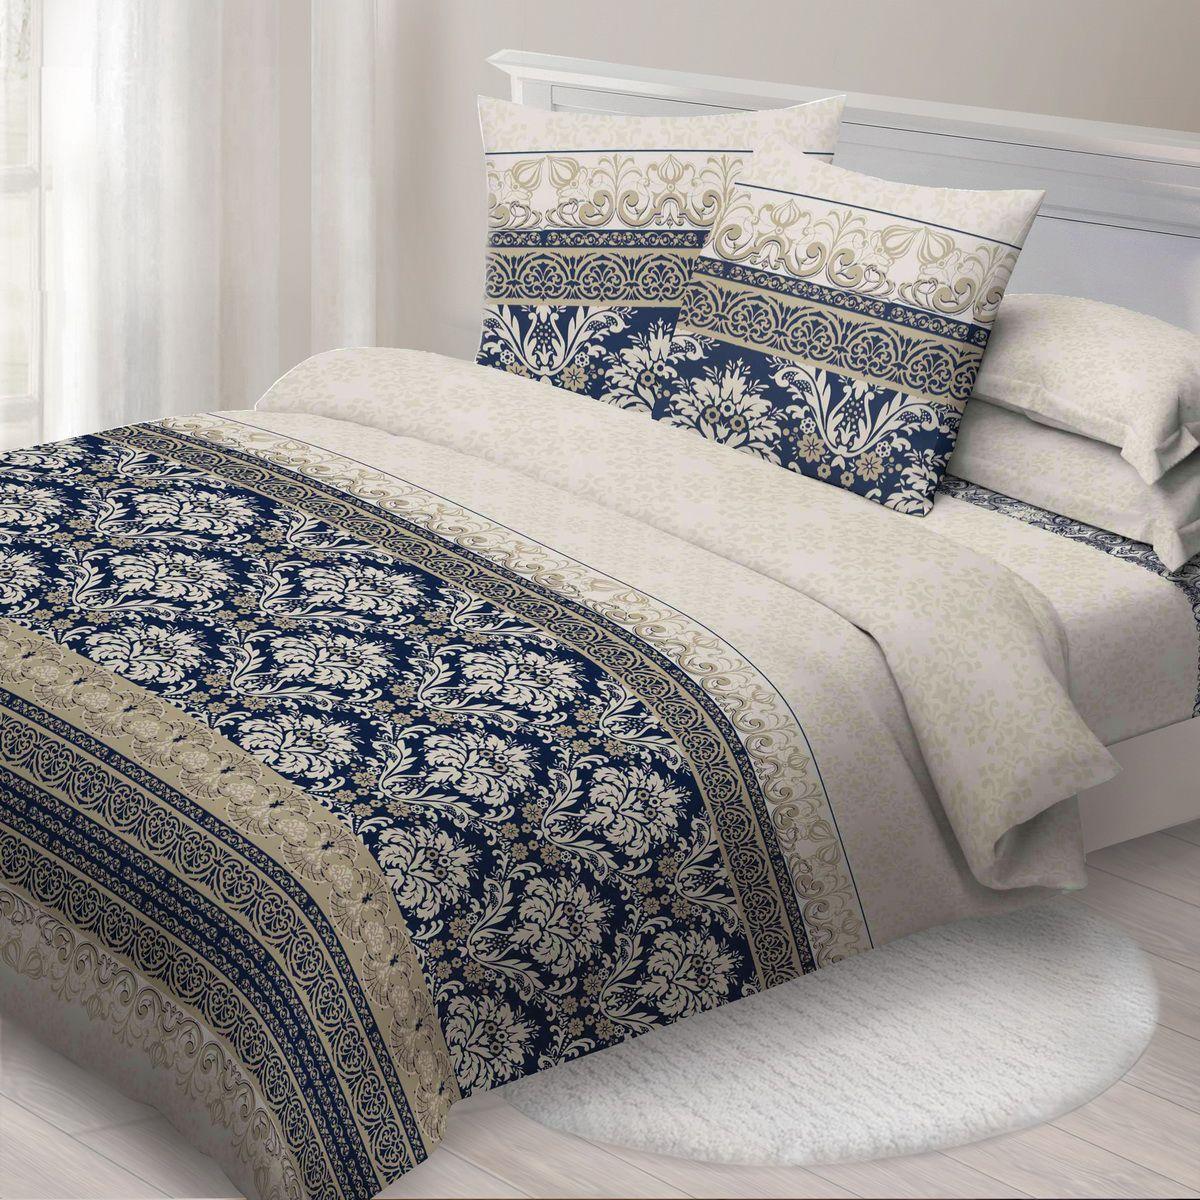 Комплект белья Спал Спалыч Гран При, 1,5-спальное, наволочки 70x70, цвет: синий10503Спал Спалыч - недорогое, но качественное постельное белье из белорусской бязи. Актуальные дизайны, авторская упаковка в сочетании с качественными материалами и приемлемой ценой - залог успеха Спал Спалыча!В ассортименте широкая линейка домашнего текстиля для всей семьи - современные дизайны современному покупателю! Ткань обработана по технологии PERFECT WAY - благодаря чему, она становится более гладкой и шелковистой.• Бязь Барановичи 100% хлопок• Плотность ткани - 125 гр/кв.м.